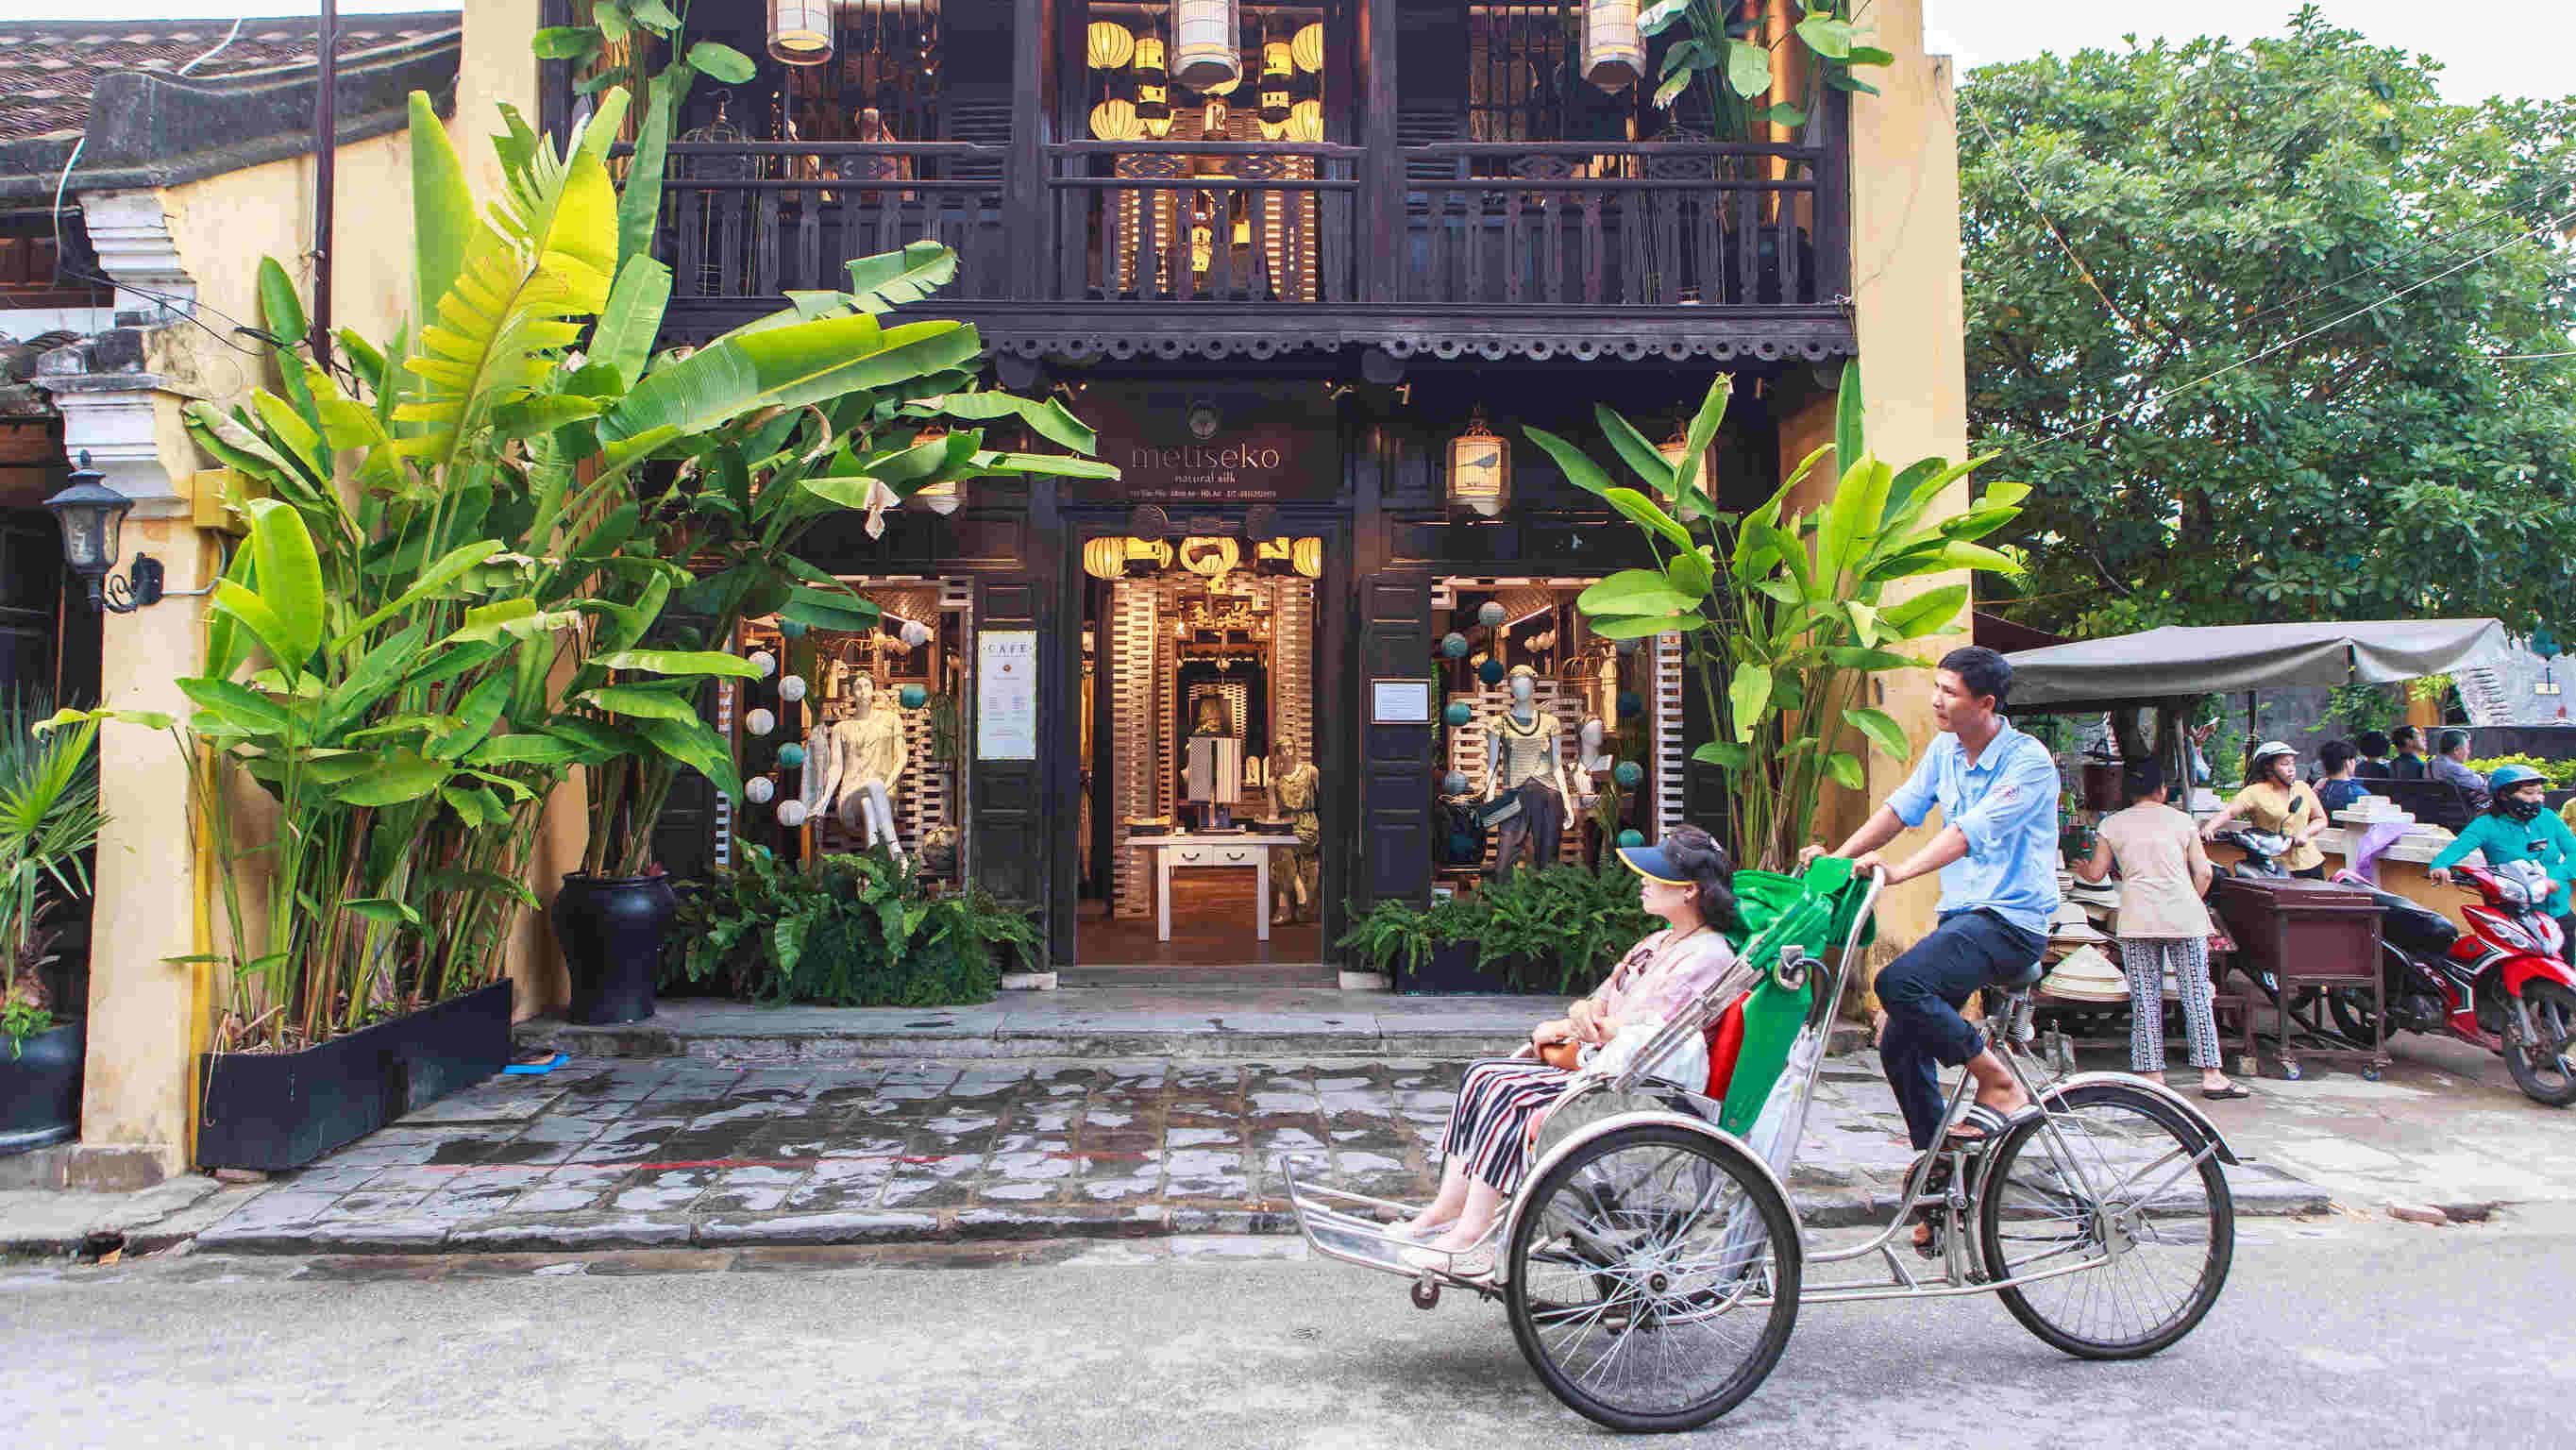 Hanoi cycle riksha